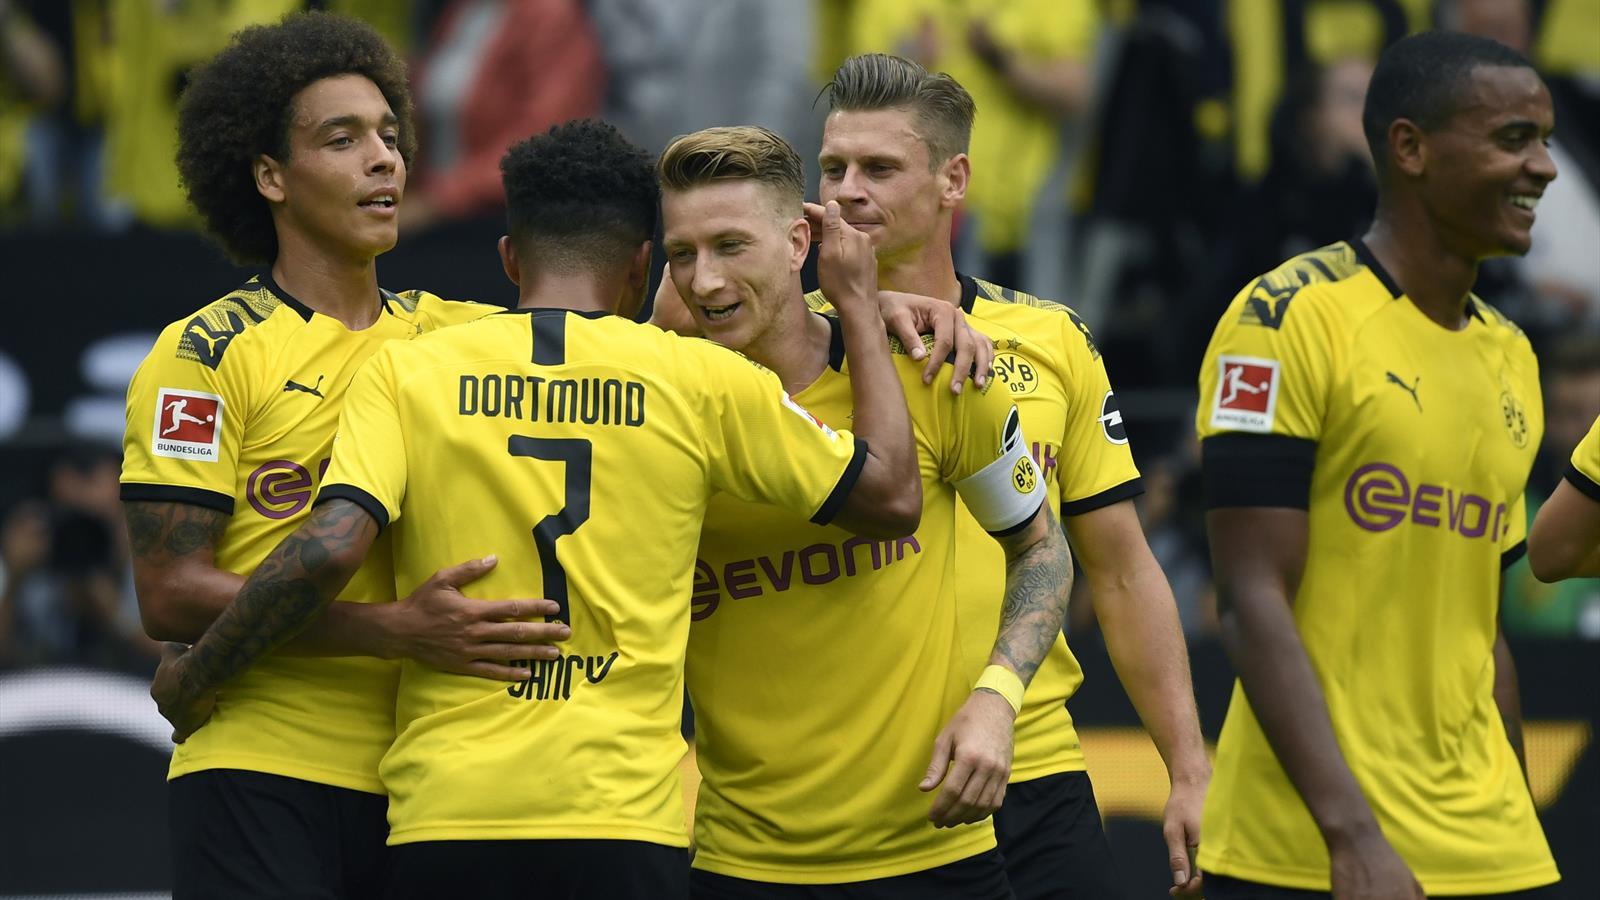 Dortmund Gegen Augsburg 2020